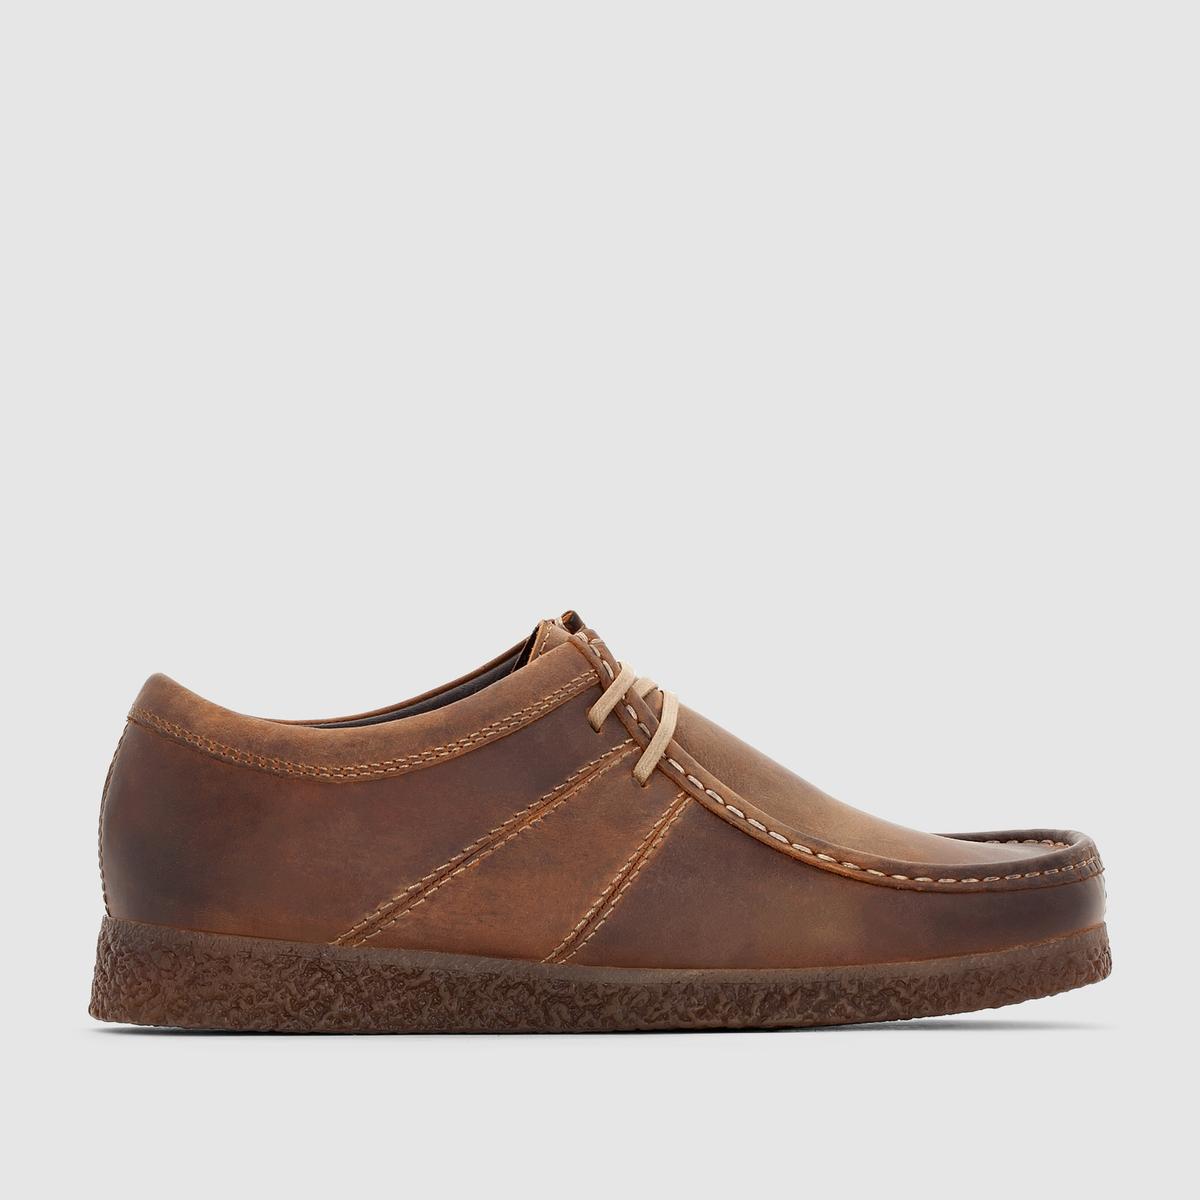 Ботинки-дерби кожаные BASE LONDON LEGACYПреимущества : ботинки-дерби BASE LONDON в стиле мокасин на шнуровке. Кожа, покрытая патиной, в замечательном стиле нео-ретро.<br><br>Цвет: темно-коричневый,черный<br>Размер: 42